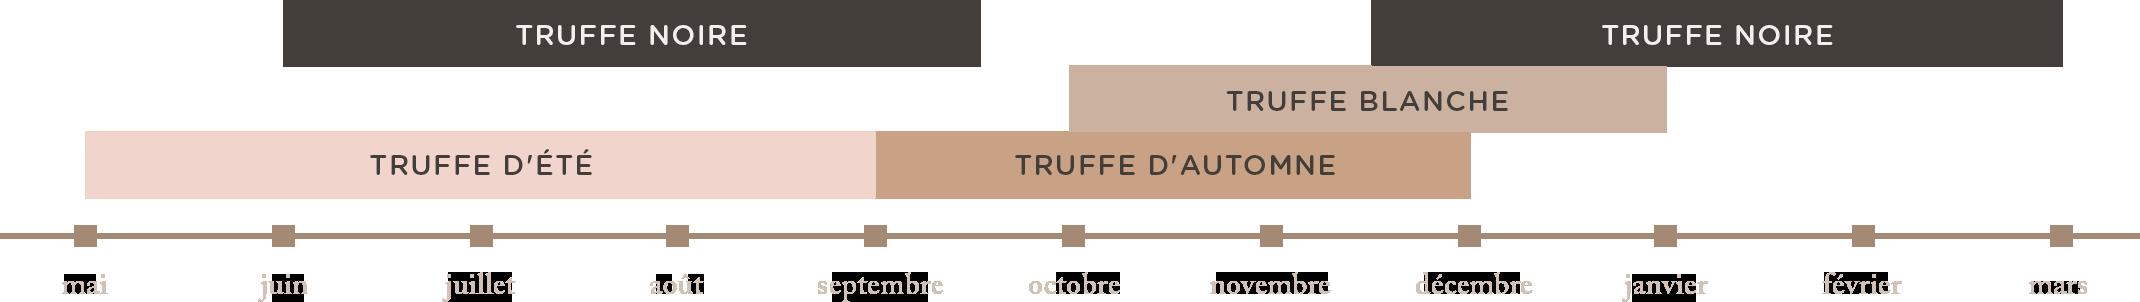 frise truffes